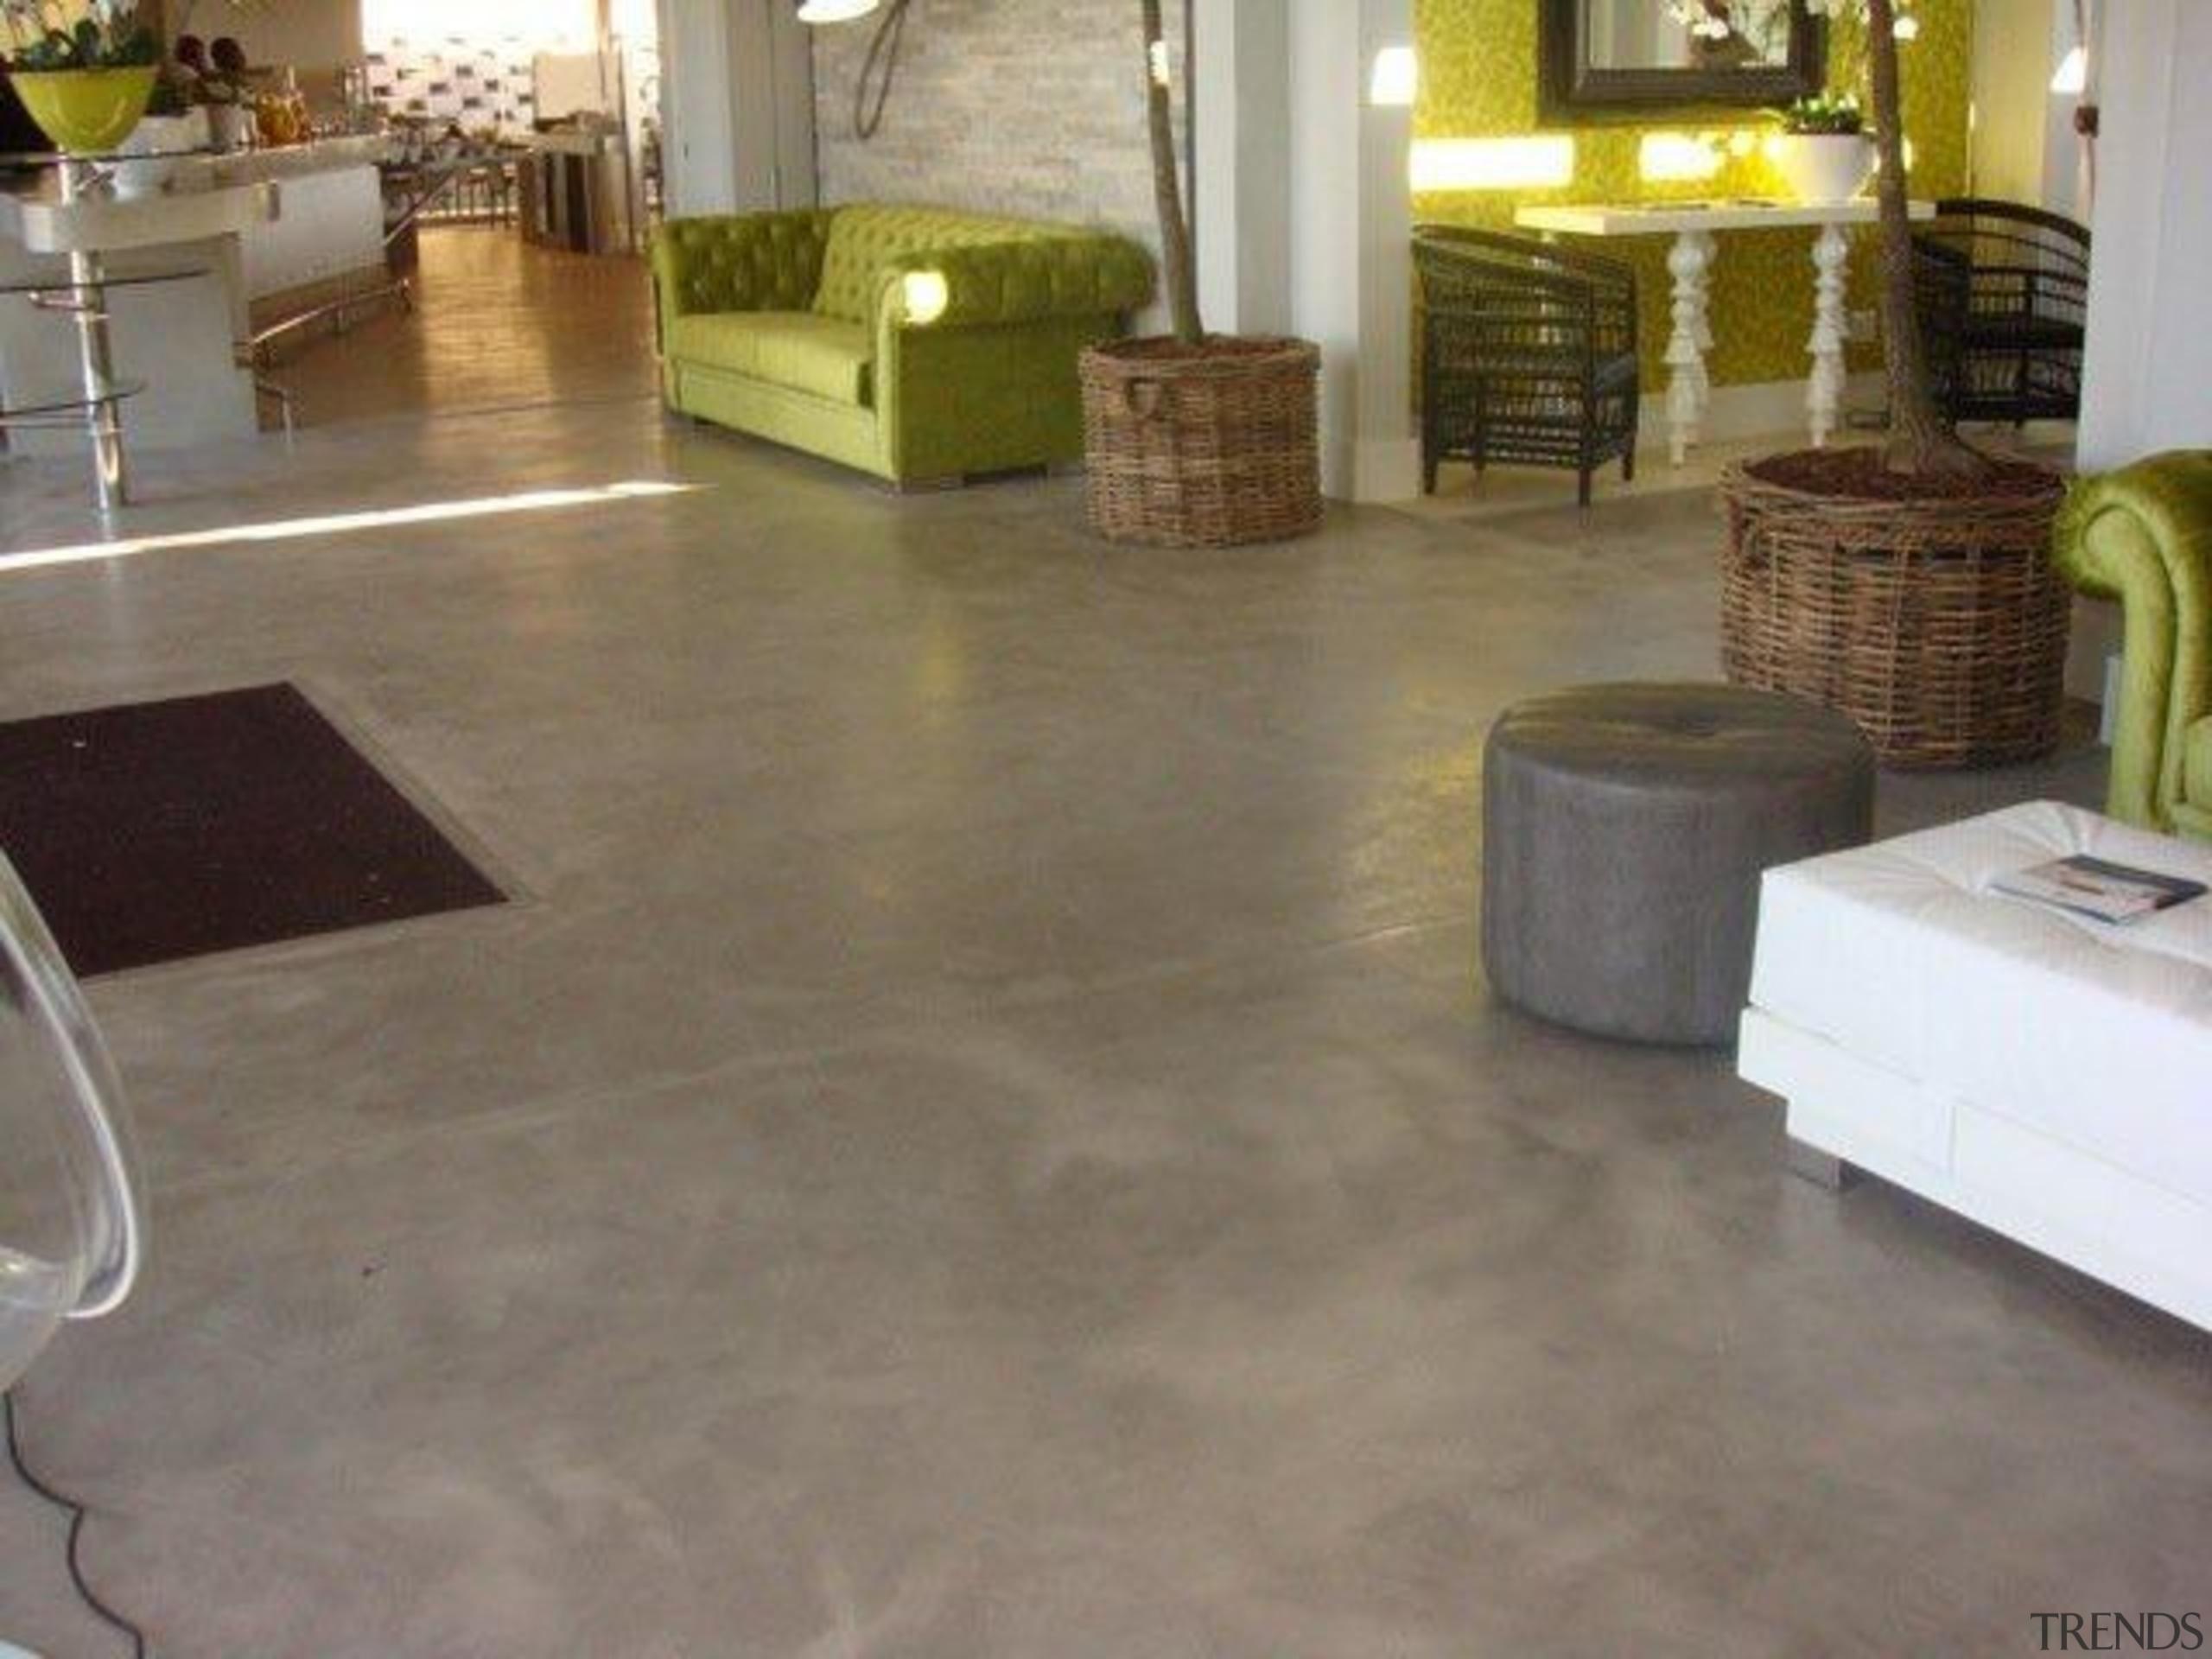 Micro topping 19 - Micro_topping_19 - concrete   concrete, floor, flooring, hardwood, laminate flooring, tile, wood, wood flooring, wood stain, gray, brown